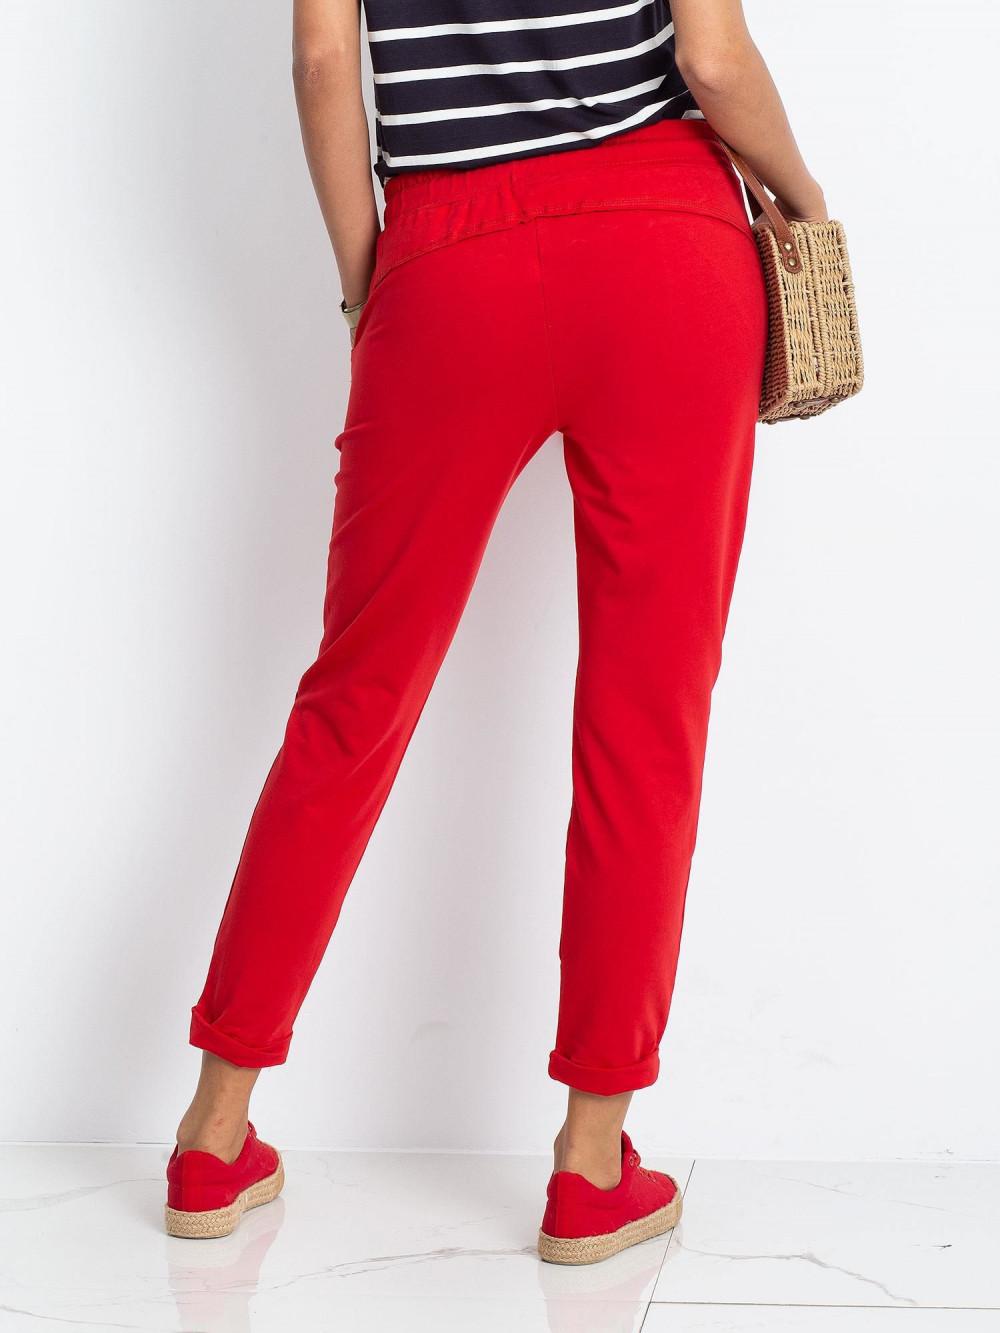 Czerwone spodnie dresowe z kieszeniami Viole 4